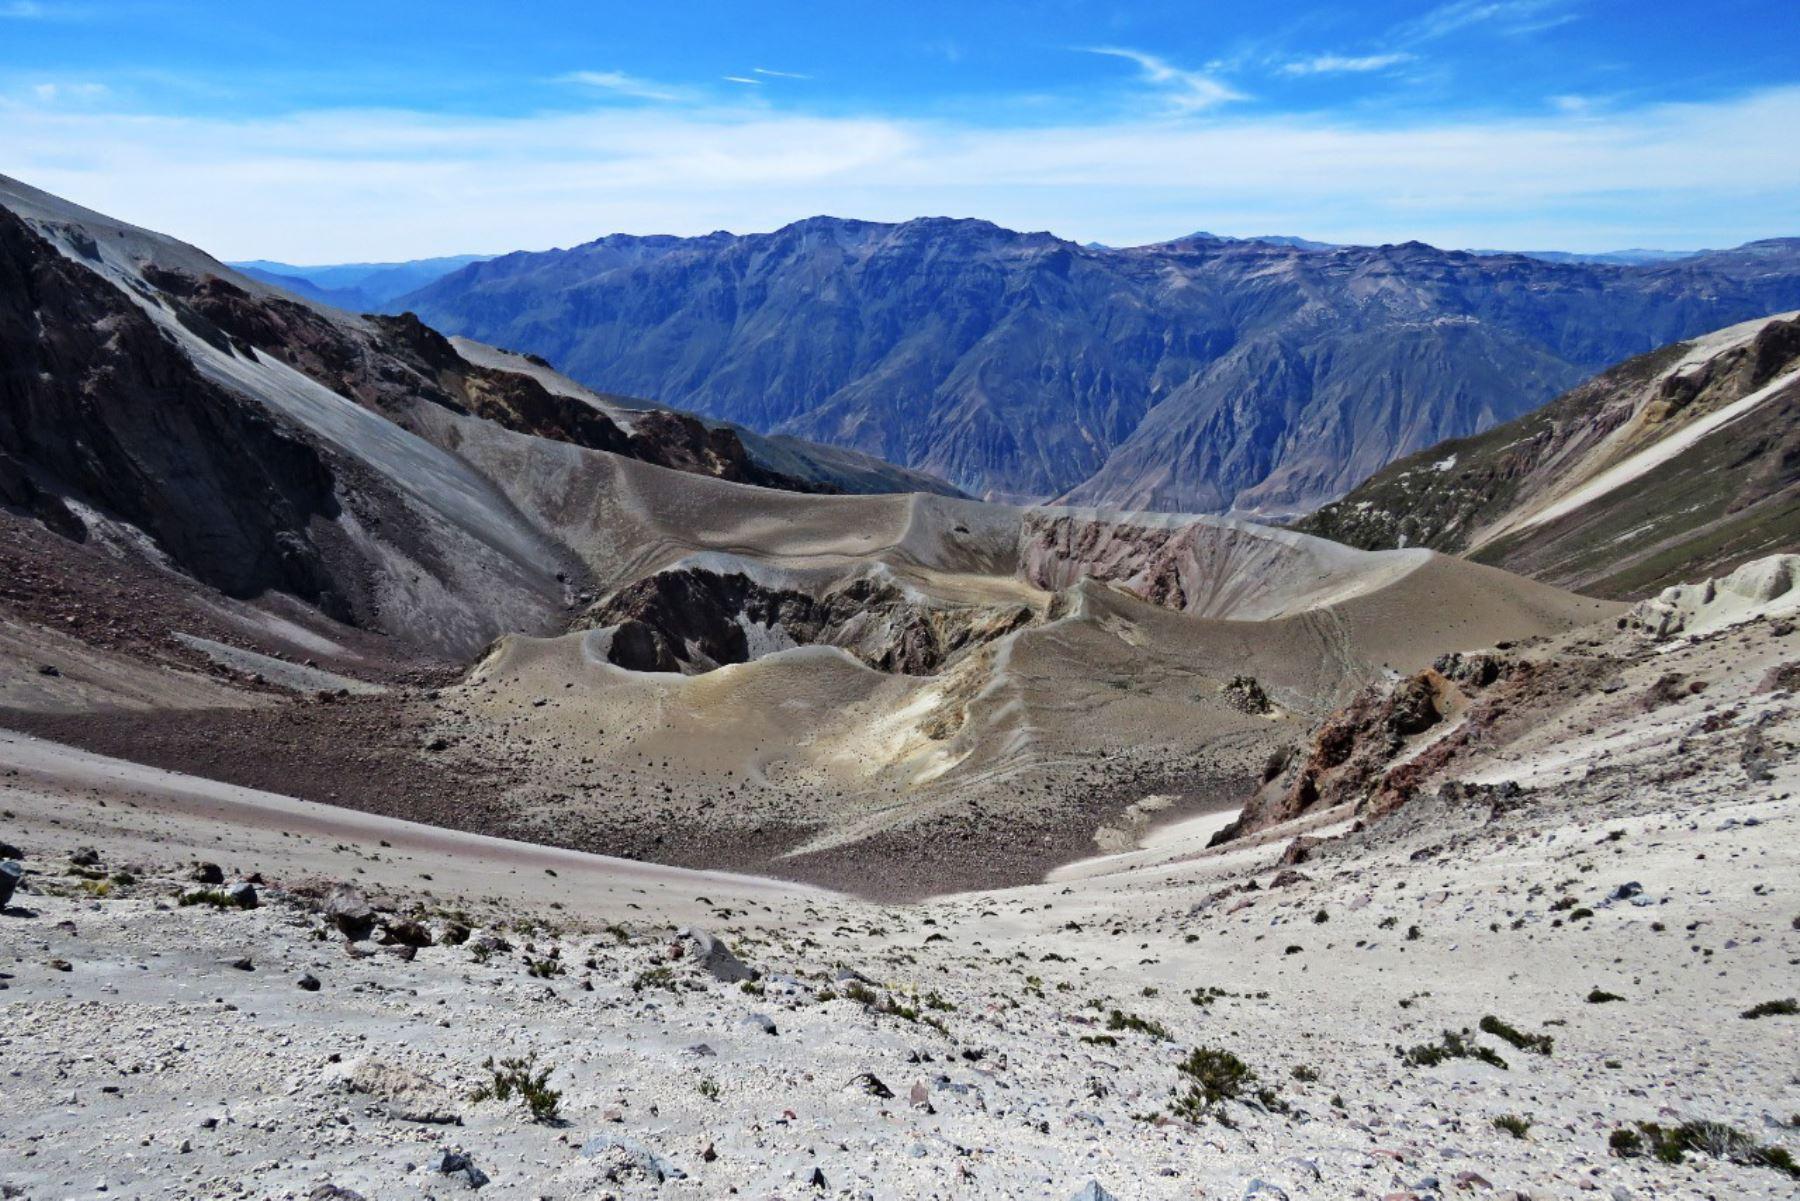 La erupción del Huaynaputina, según algunos cronistas, fue tres veces más fuerte que la explosión del volcán Vesubio en el año 79 de nuestra era.